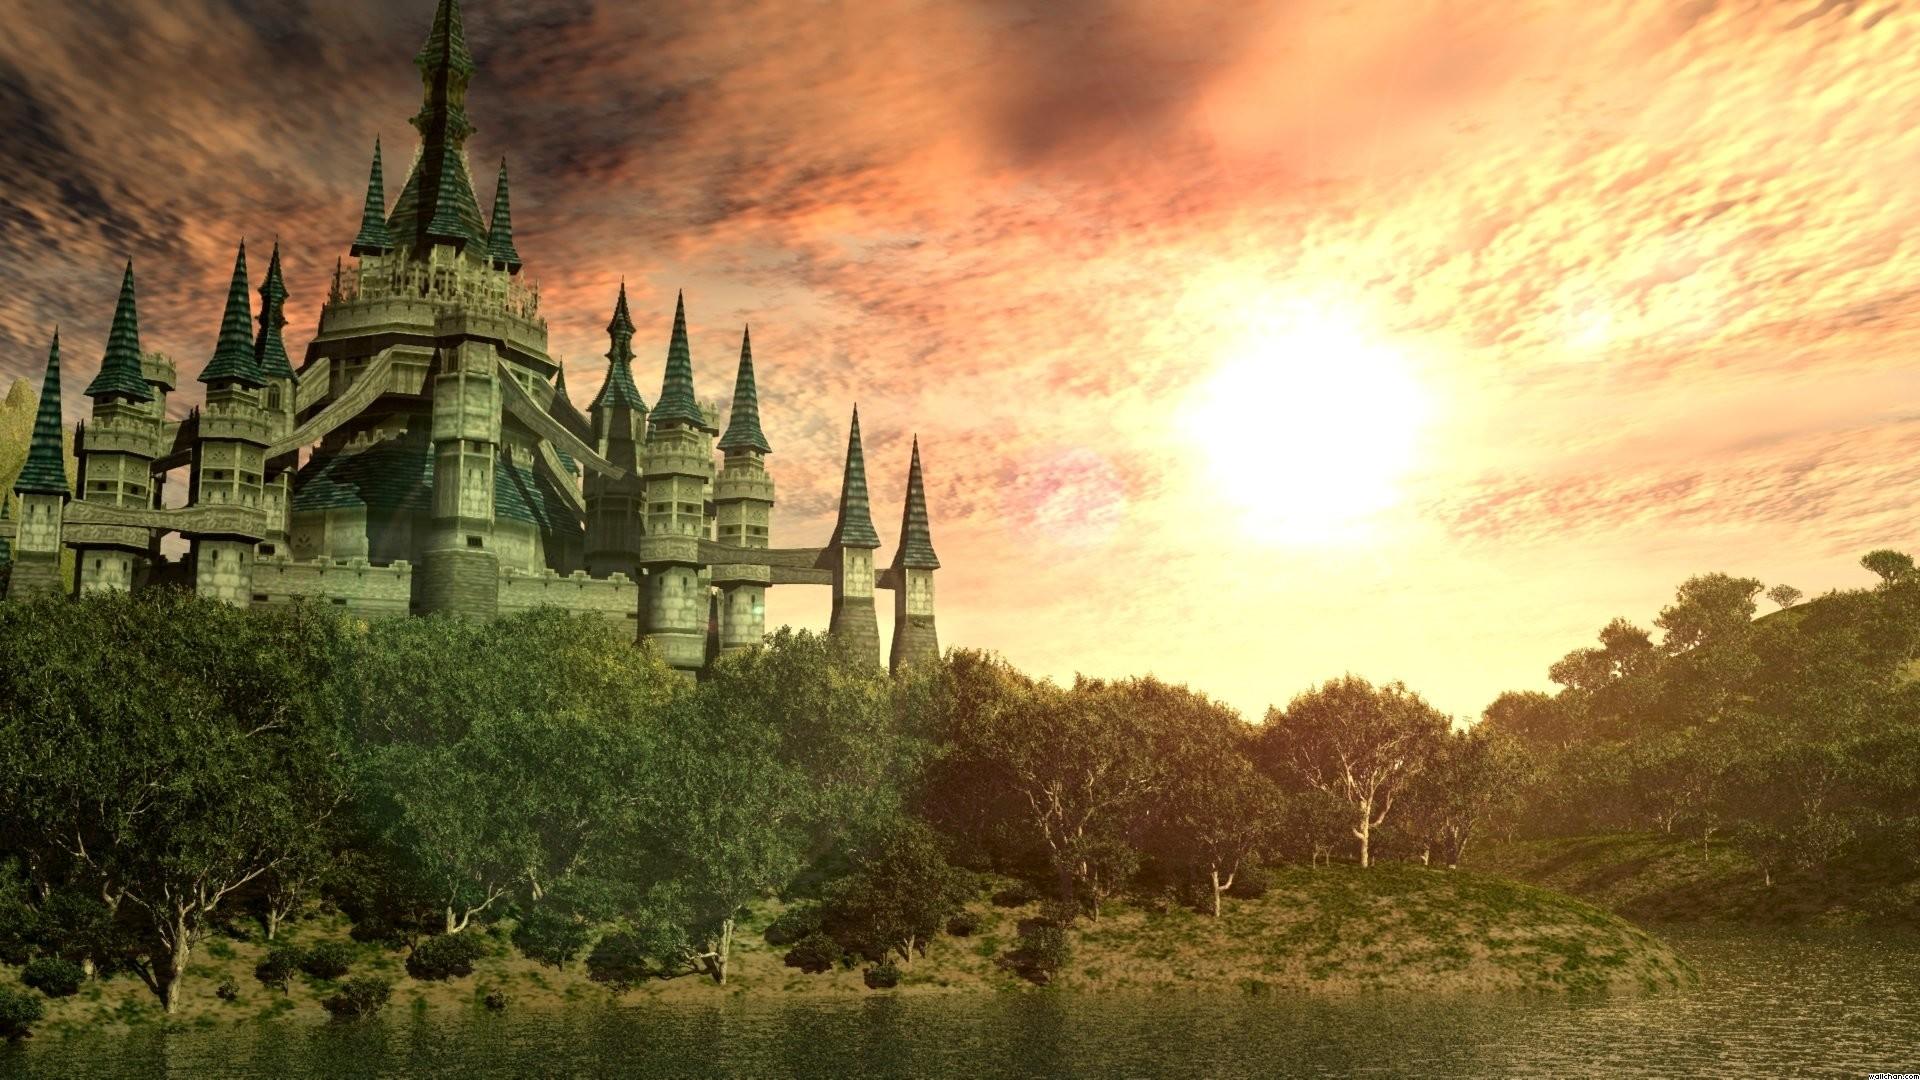 Zelda Twilight Princess Wallpapers (71+ images)